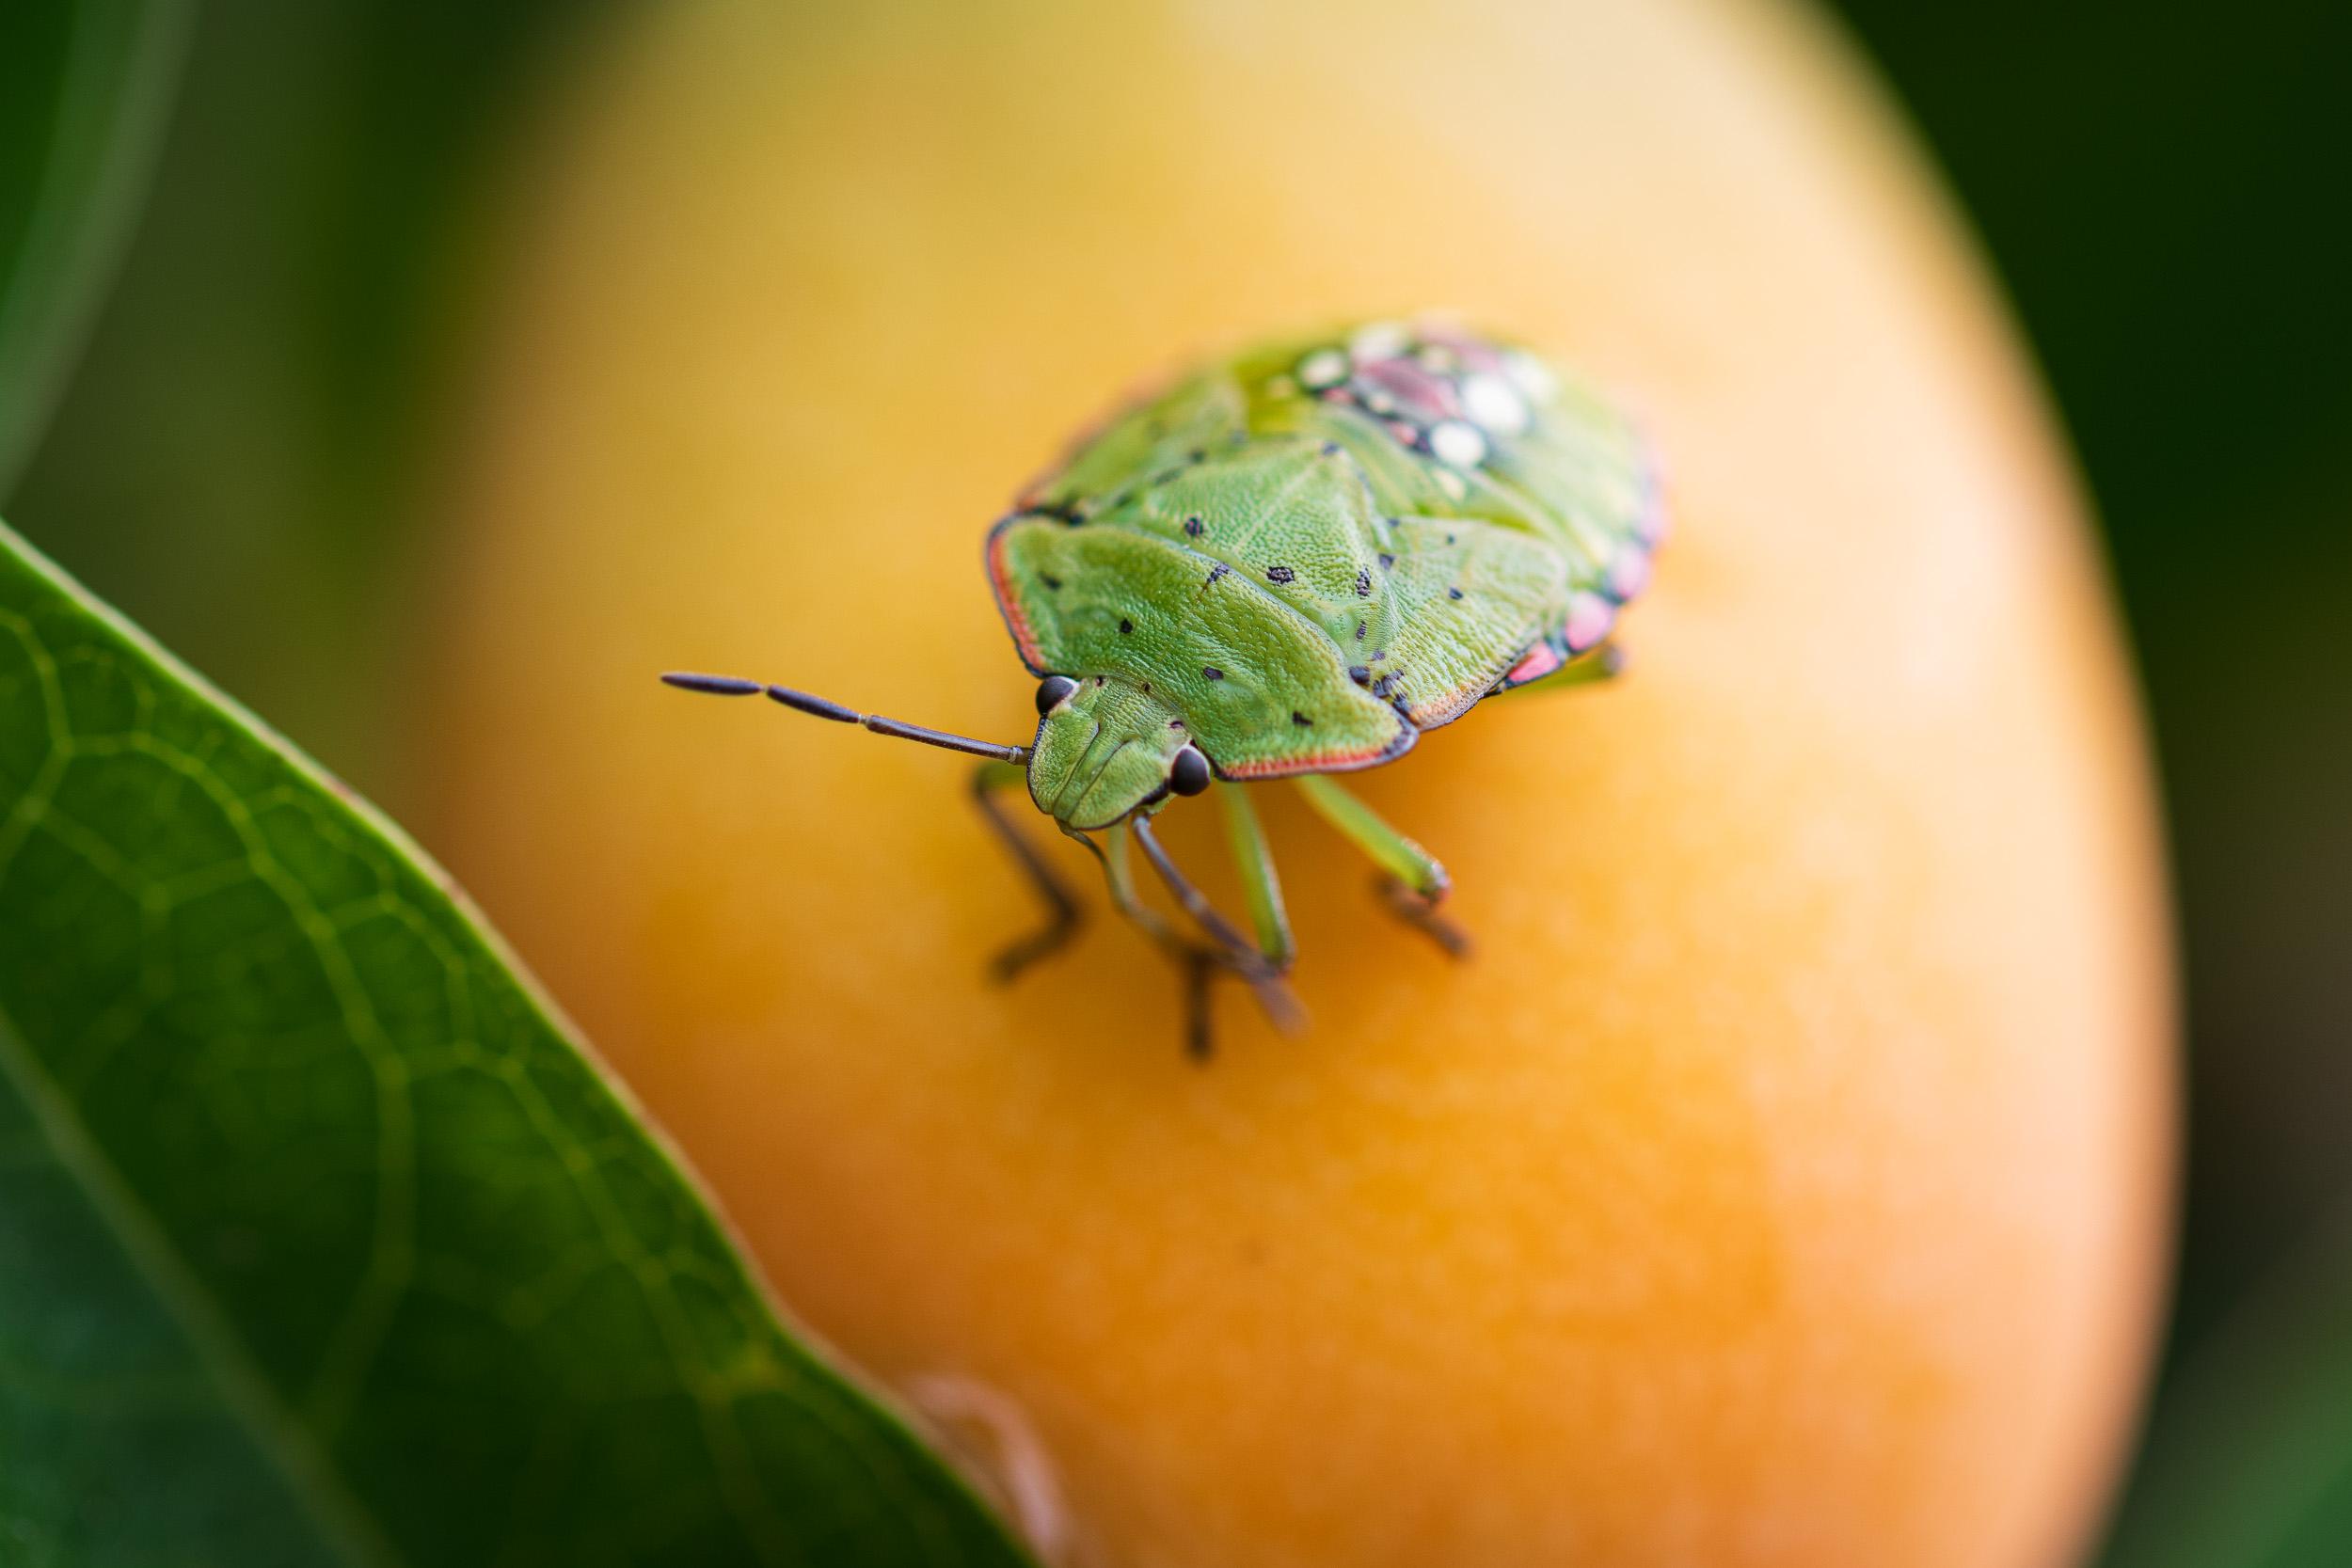 Green Bug  - Nikon D850, Sigma 105mm f/2.8, f/6.3, 1/100th sec at ISO 64